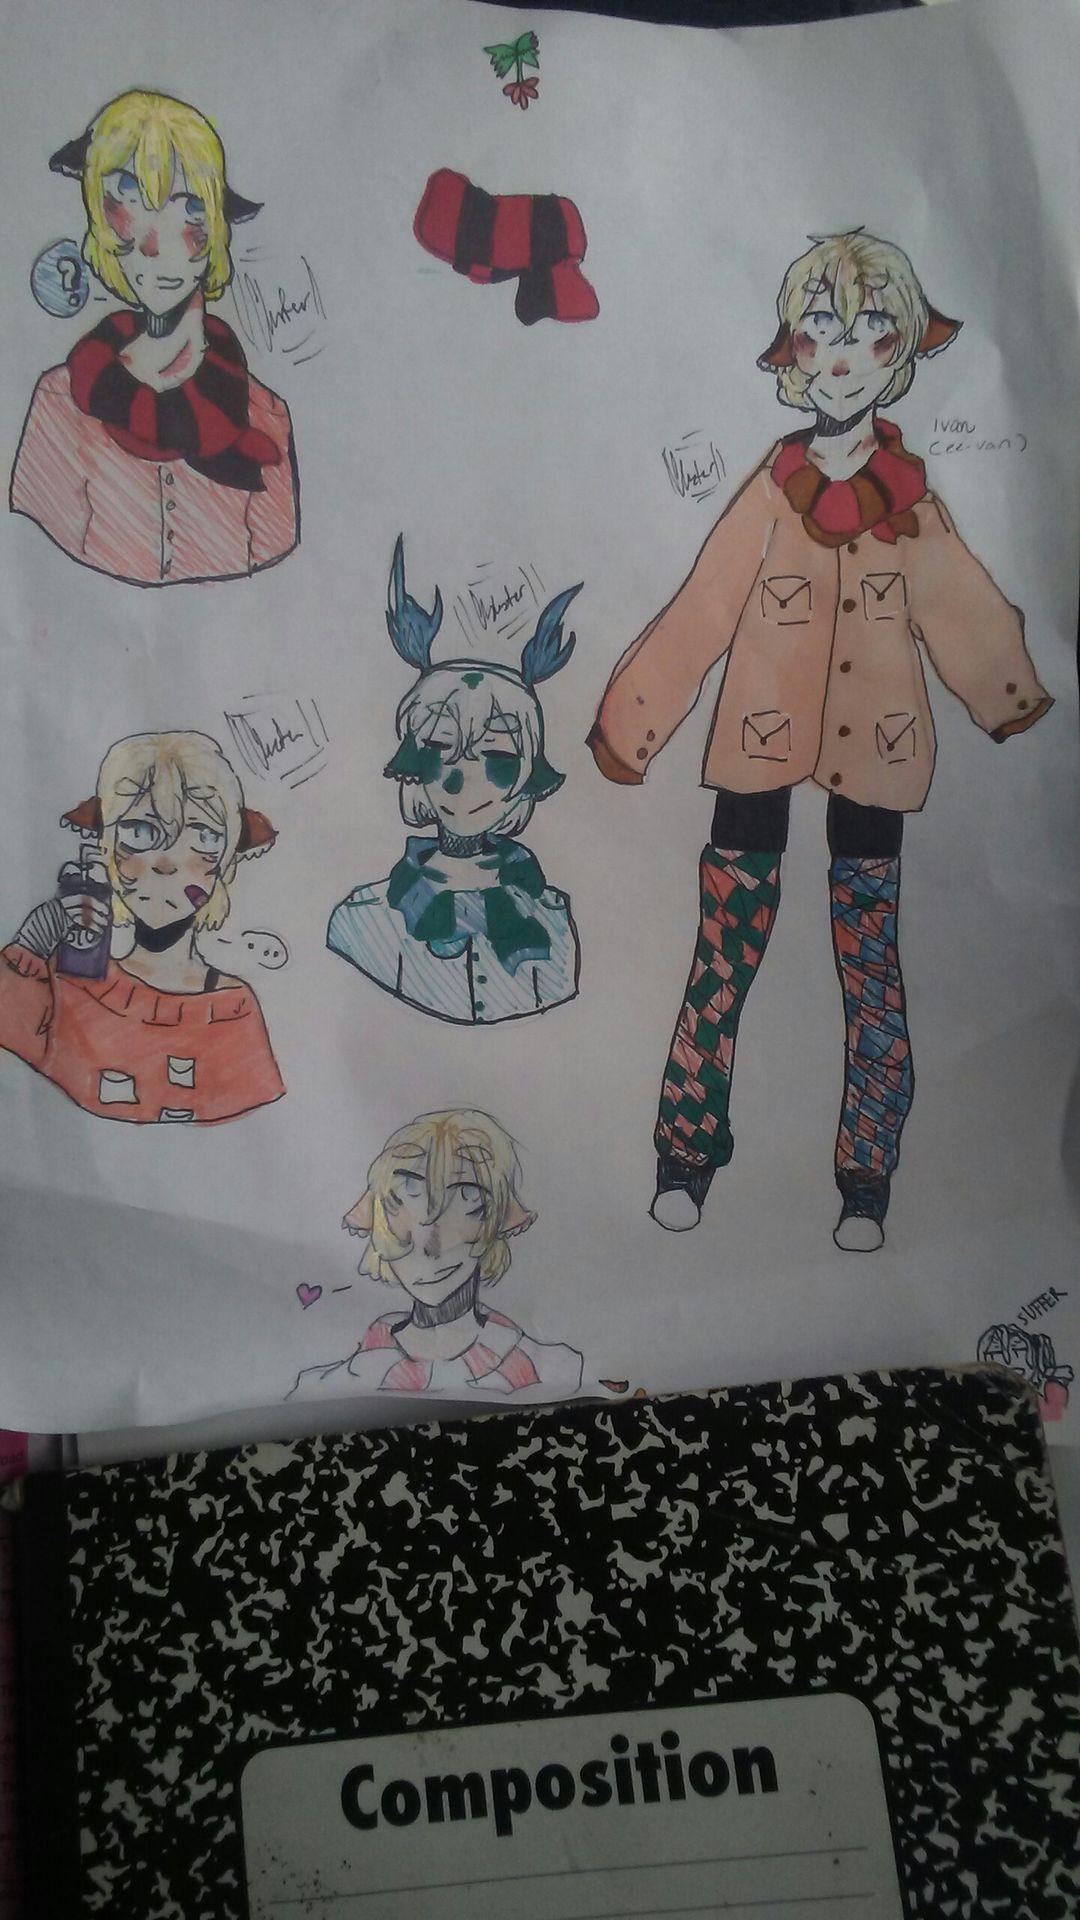 Cluster S Art Junkyard Drawing My Friend S Oc Wattpad